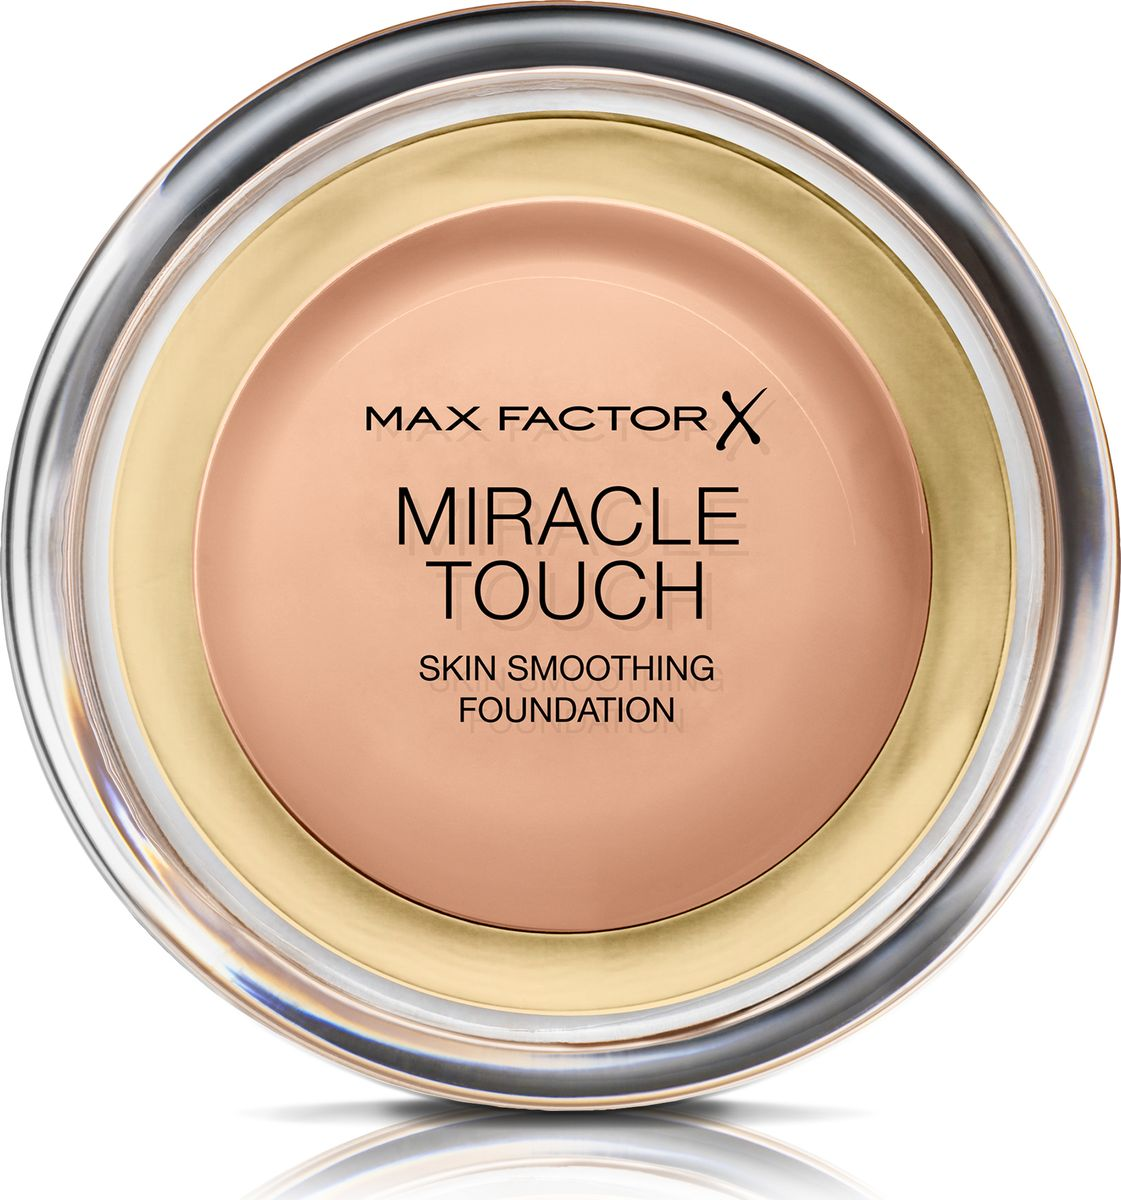 Max Factor Тональная Основа Miracle Touch Тон 70 natural 11,5 гр549867Уникальная универсальная тональная основа MaxFactorMiracleTouch обладает кремообразной формулой, благодаря которой превосходно подготовить кожу для макияжа очень легко. Всего один слой без необходимости нанесения консилера или пудры. Легкая твердая тональная основа тает в руках и гладко наносится на кожу, создавая идеальное, безупречно блестящее и равномерное покрытие, не слишком прозрачное и не слишком плотное. В результате кожа выглядит свежей, необычайно ровной и приобретает сияние. Чтобы создать безупречное покрытие, можно нанести всего один легкий слой тональной основы или же сделать покрытие более плотным благодаря специальной формуле. Тональная основа подходит для всех типов кожи, включая чувствительную кожу, и не вызывает угревой сыпи, так как не закупоривает поры. Спонж в комплекте для простого и аккуратного нанесения где угодно. Идеальное покрытие в один слой- консилер и пудра не нужны. Умеренное или плотное покрытие благодаря специальной формуле. Не вызывает угревую сыпь и не закупоривает поры. Дерматологически протестировано, подходит для чувствительной кожи.Удобная компактная форма, которую легко держать в руках, со спонжем для быстрого и простого нанесения. Идеальный оттенок должен соответствовать тону кожи на линии подбородка. Для получения наиболее профессионального результата с помощью спонжа, входящего в комплект, нанеси тональную основу MiracleTouchLiquidIllusion и распредели ее от центра лица к краям. Чтобы скрыть темные круги и недостатки кожи, наноси основу краем спонжа. Всегда наноси продукт при ярком дневном освещении.